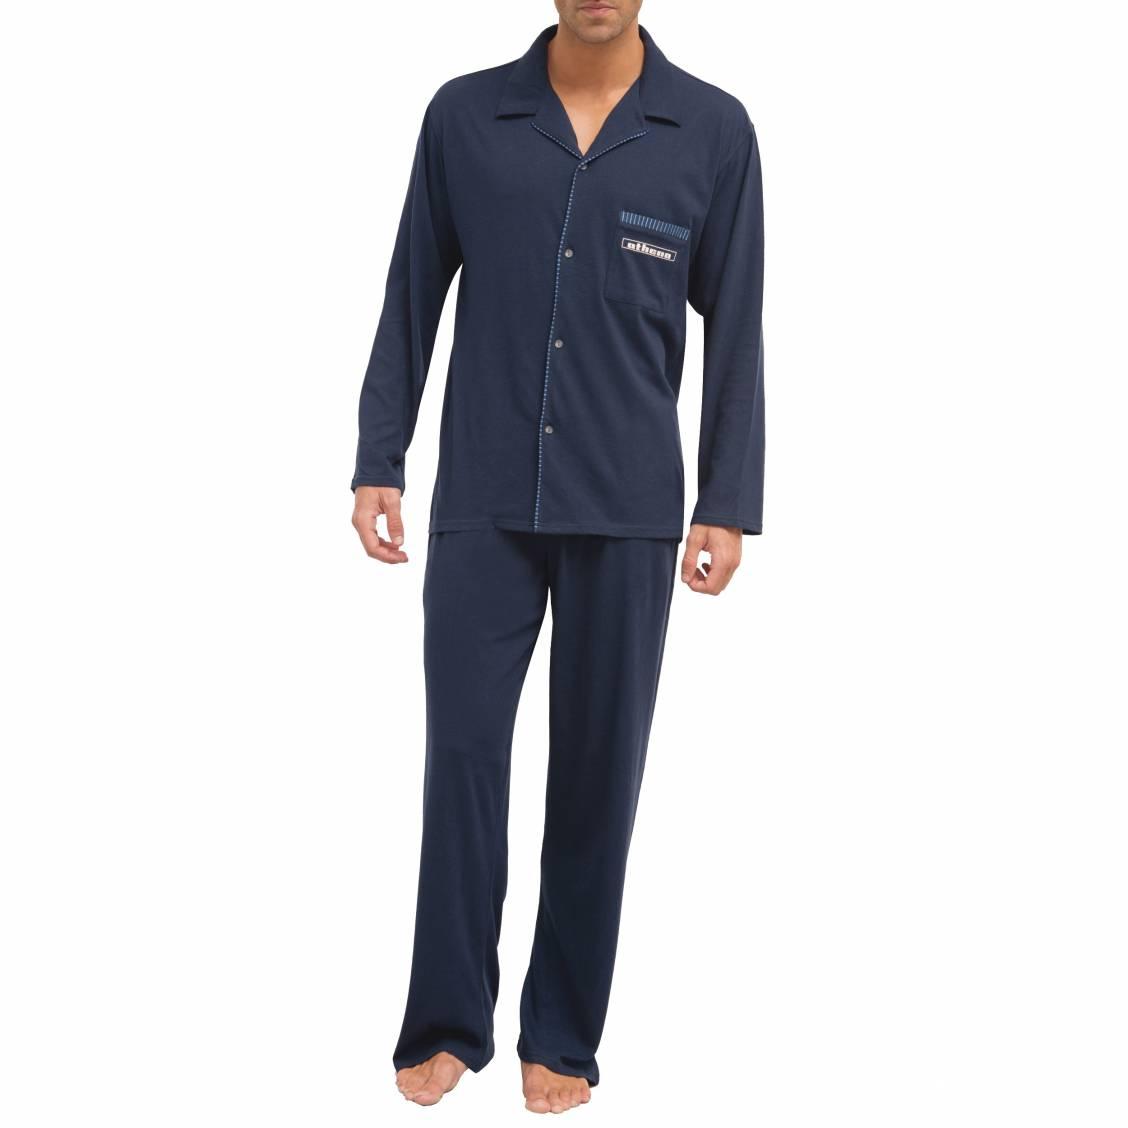 Pyjama long  : veste boutonnée et pantalon en jersey de coton bleu marine